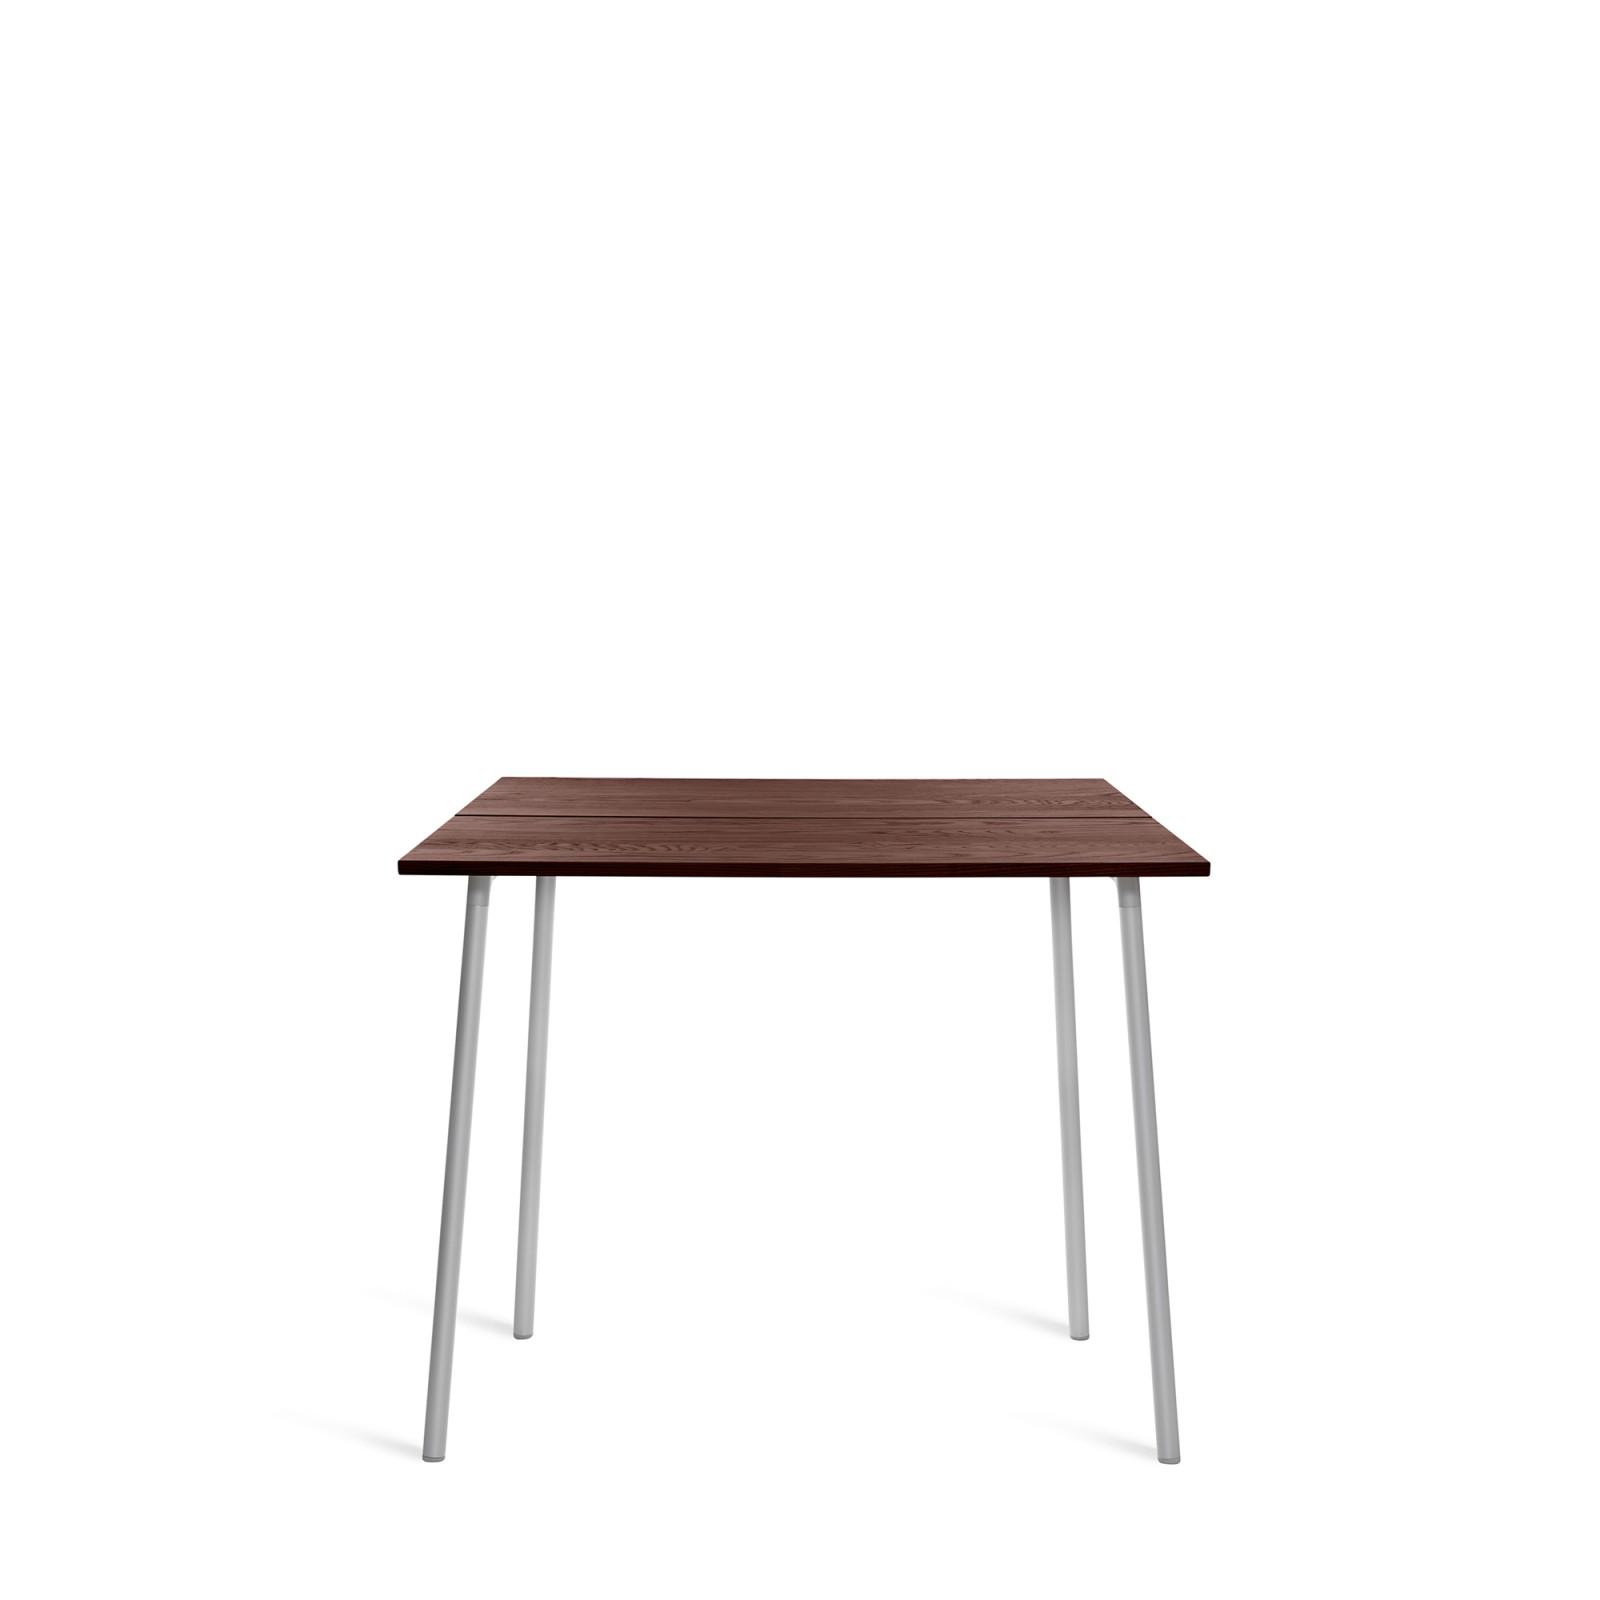 Run High Table Aluminium, Walnut, 183cm